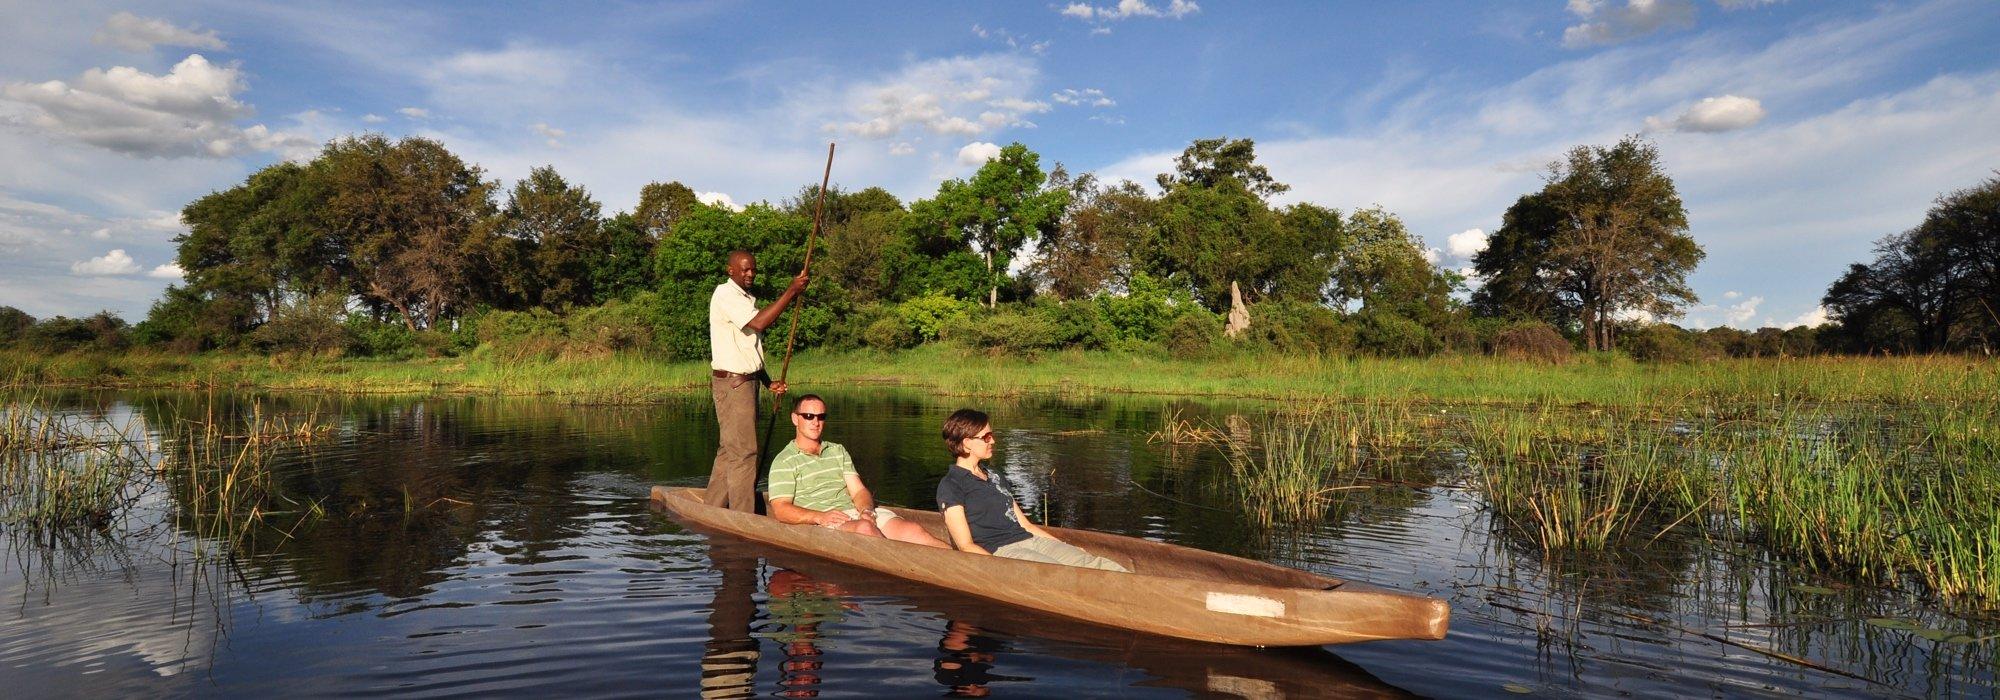 Mokoro excursion in Botswana